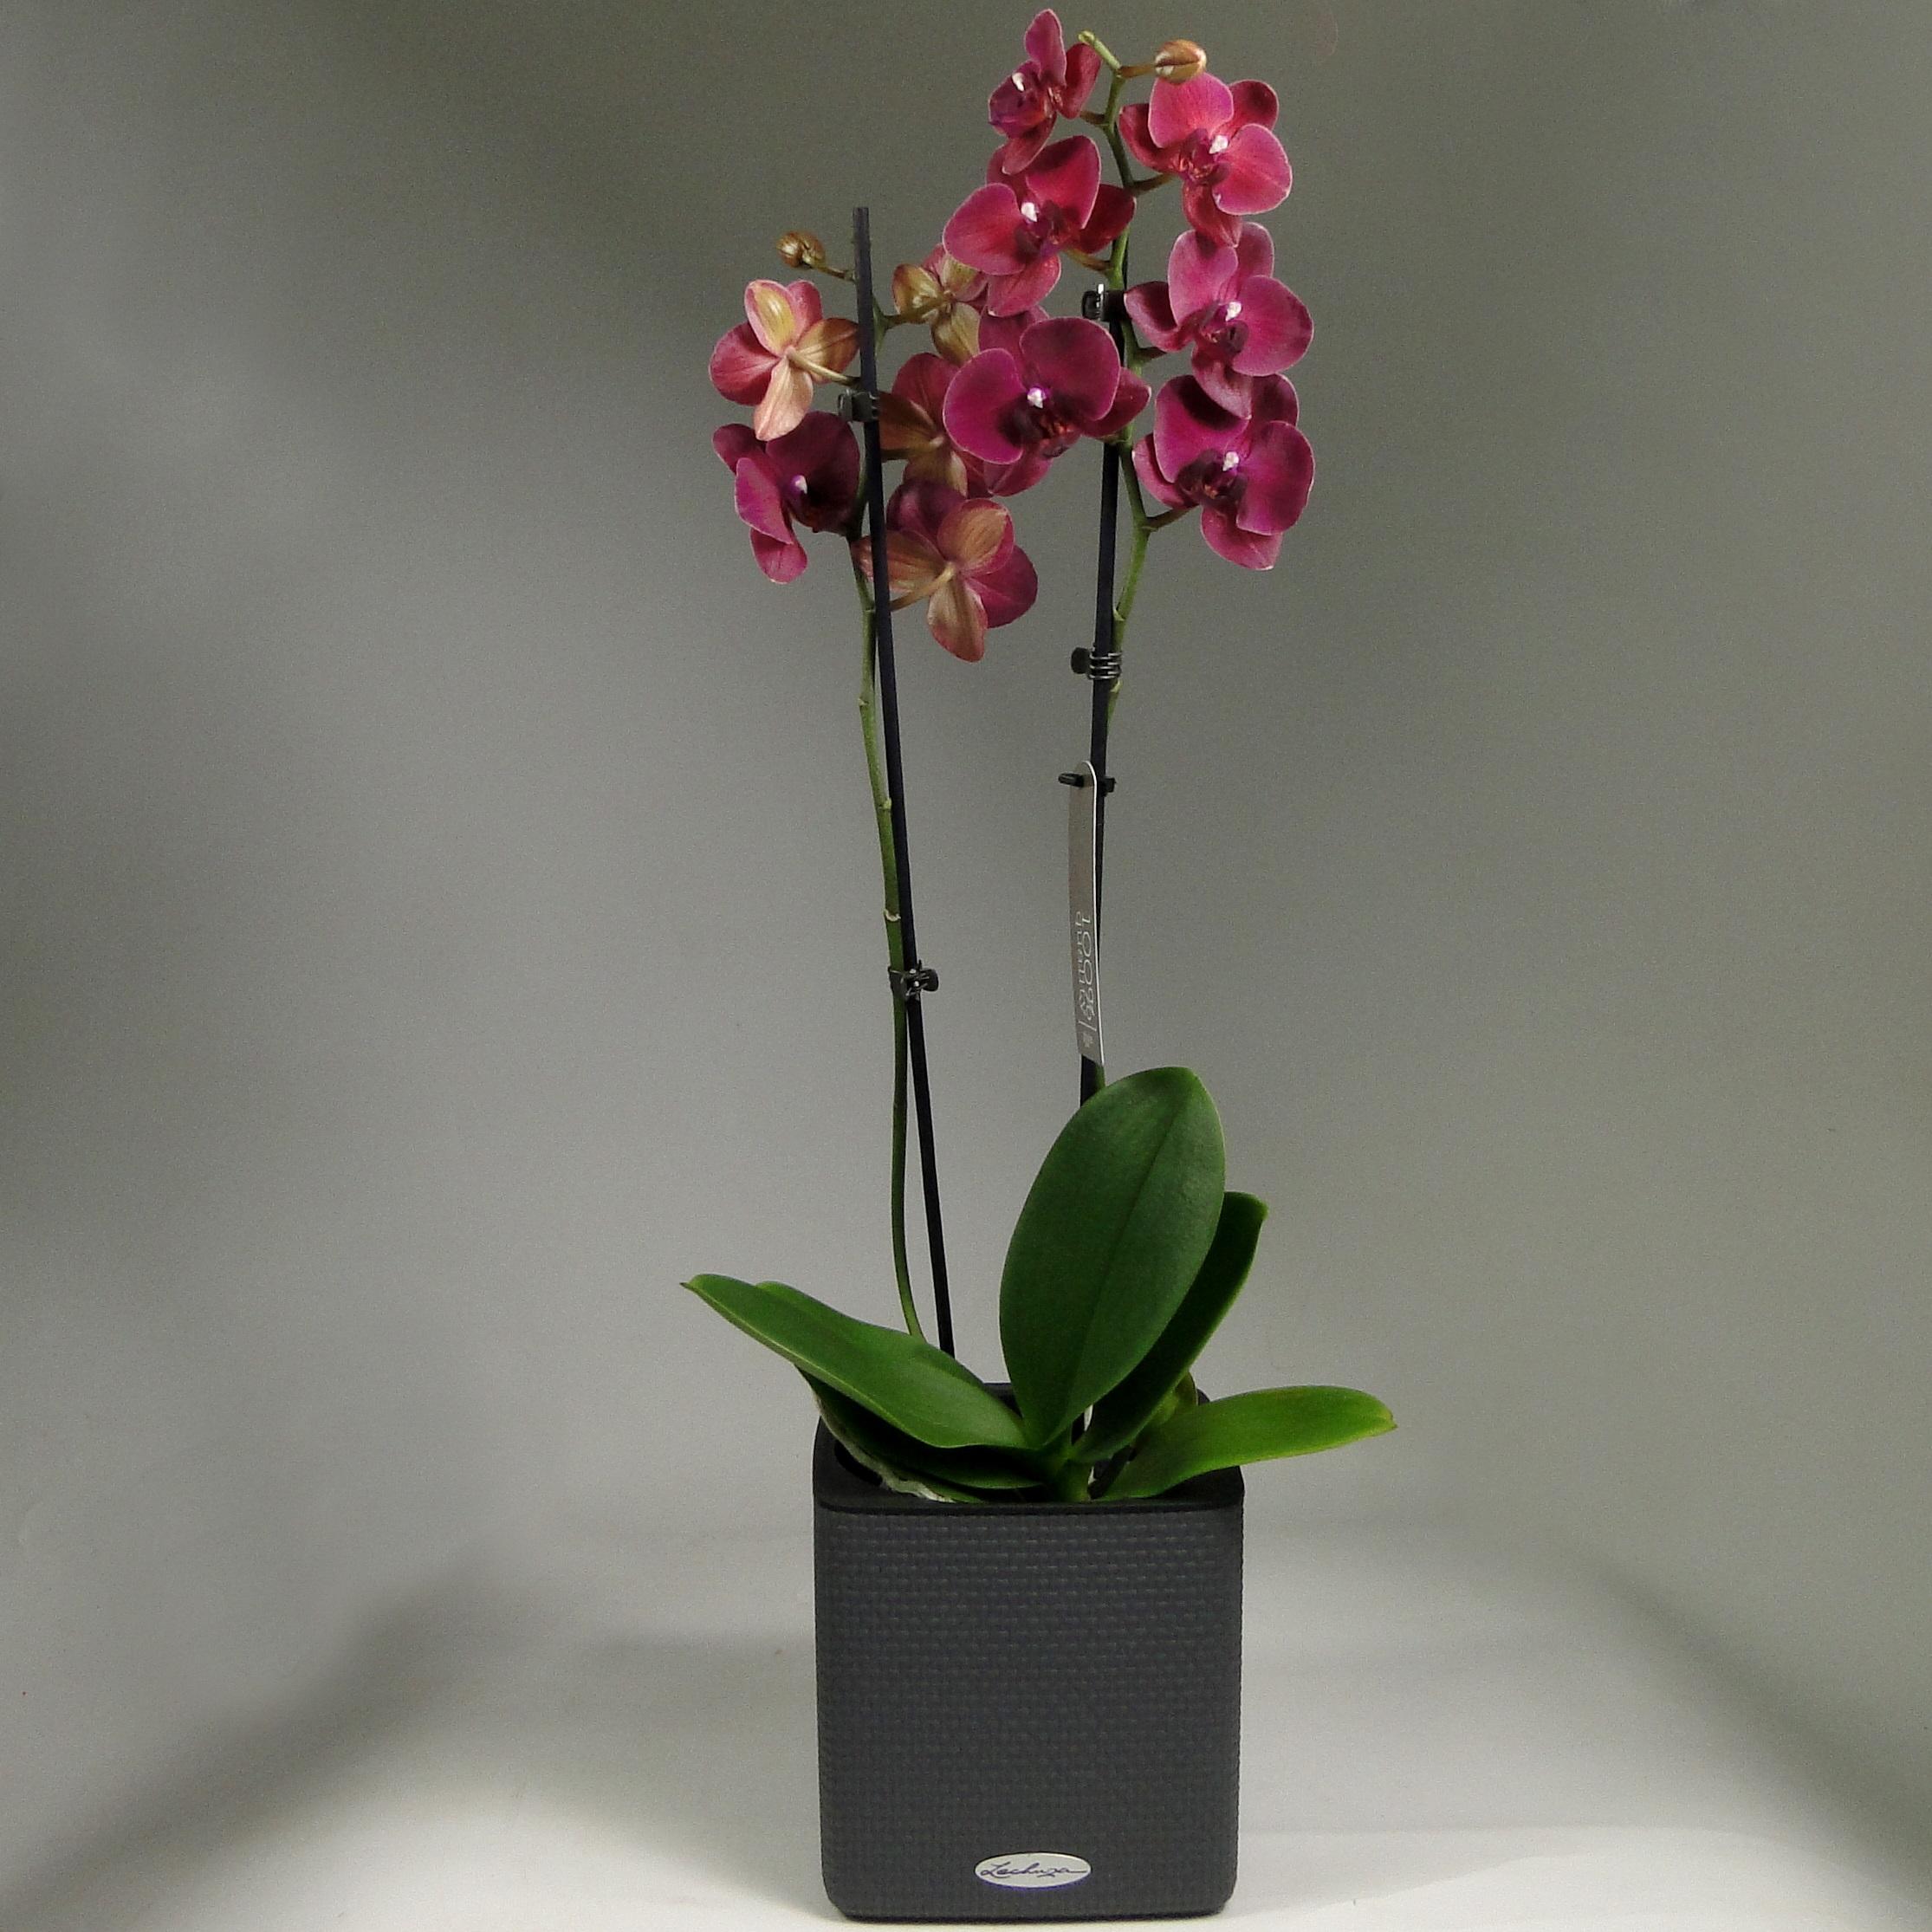 Орхидея фаленопсис Руби в Lechuza Cube 16